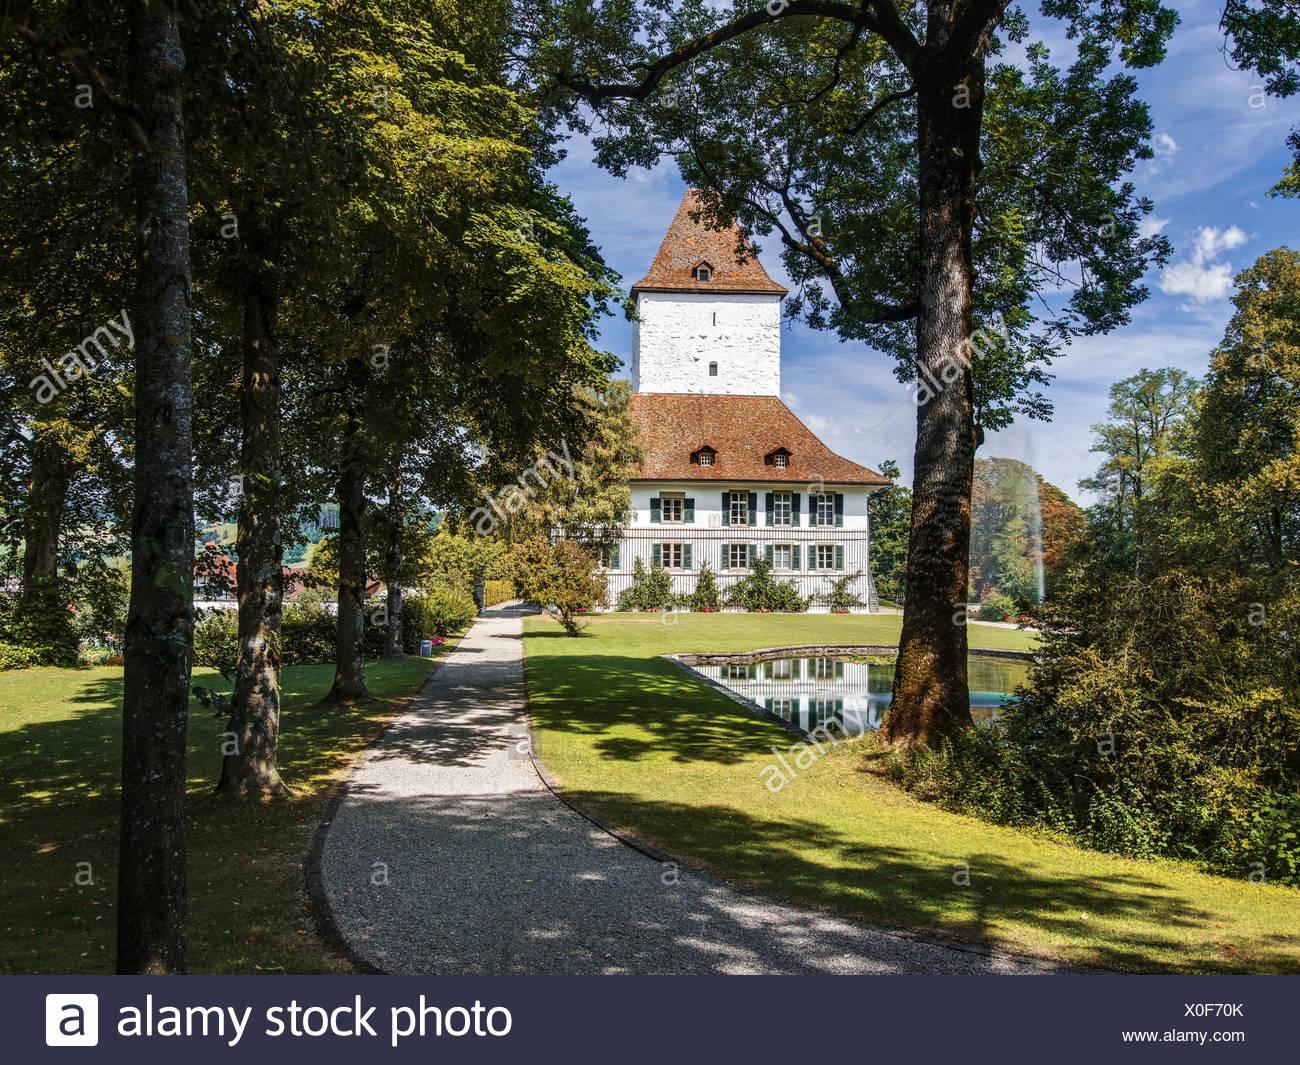 Nobiltà, avenue, Emmental, Canton Berna Berna, paese gentry, park, il castello, il parco del castello, Schlosswil, piccolo castello, Svizzera Immagini Stock